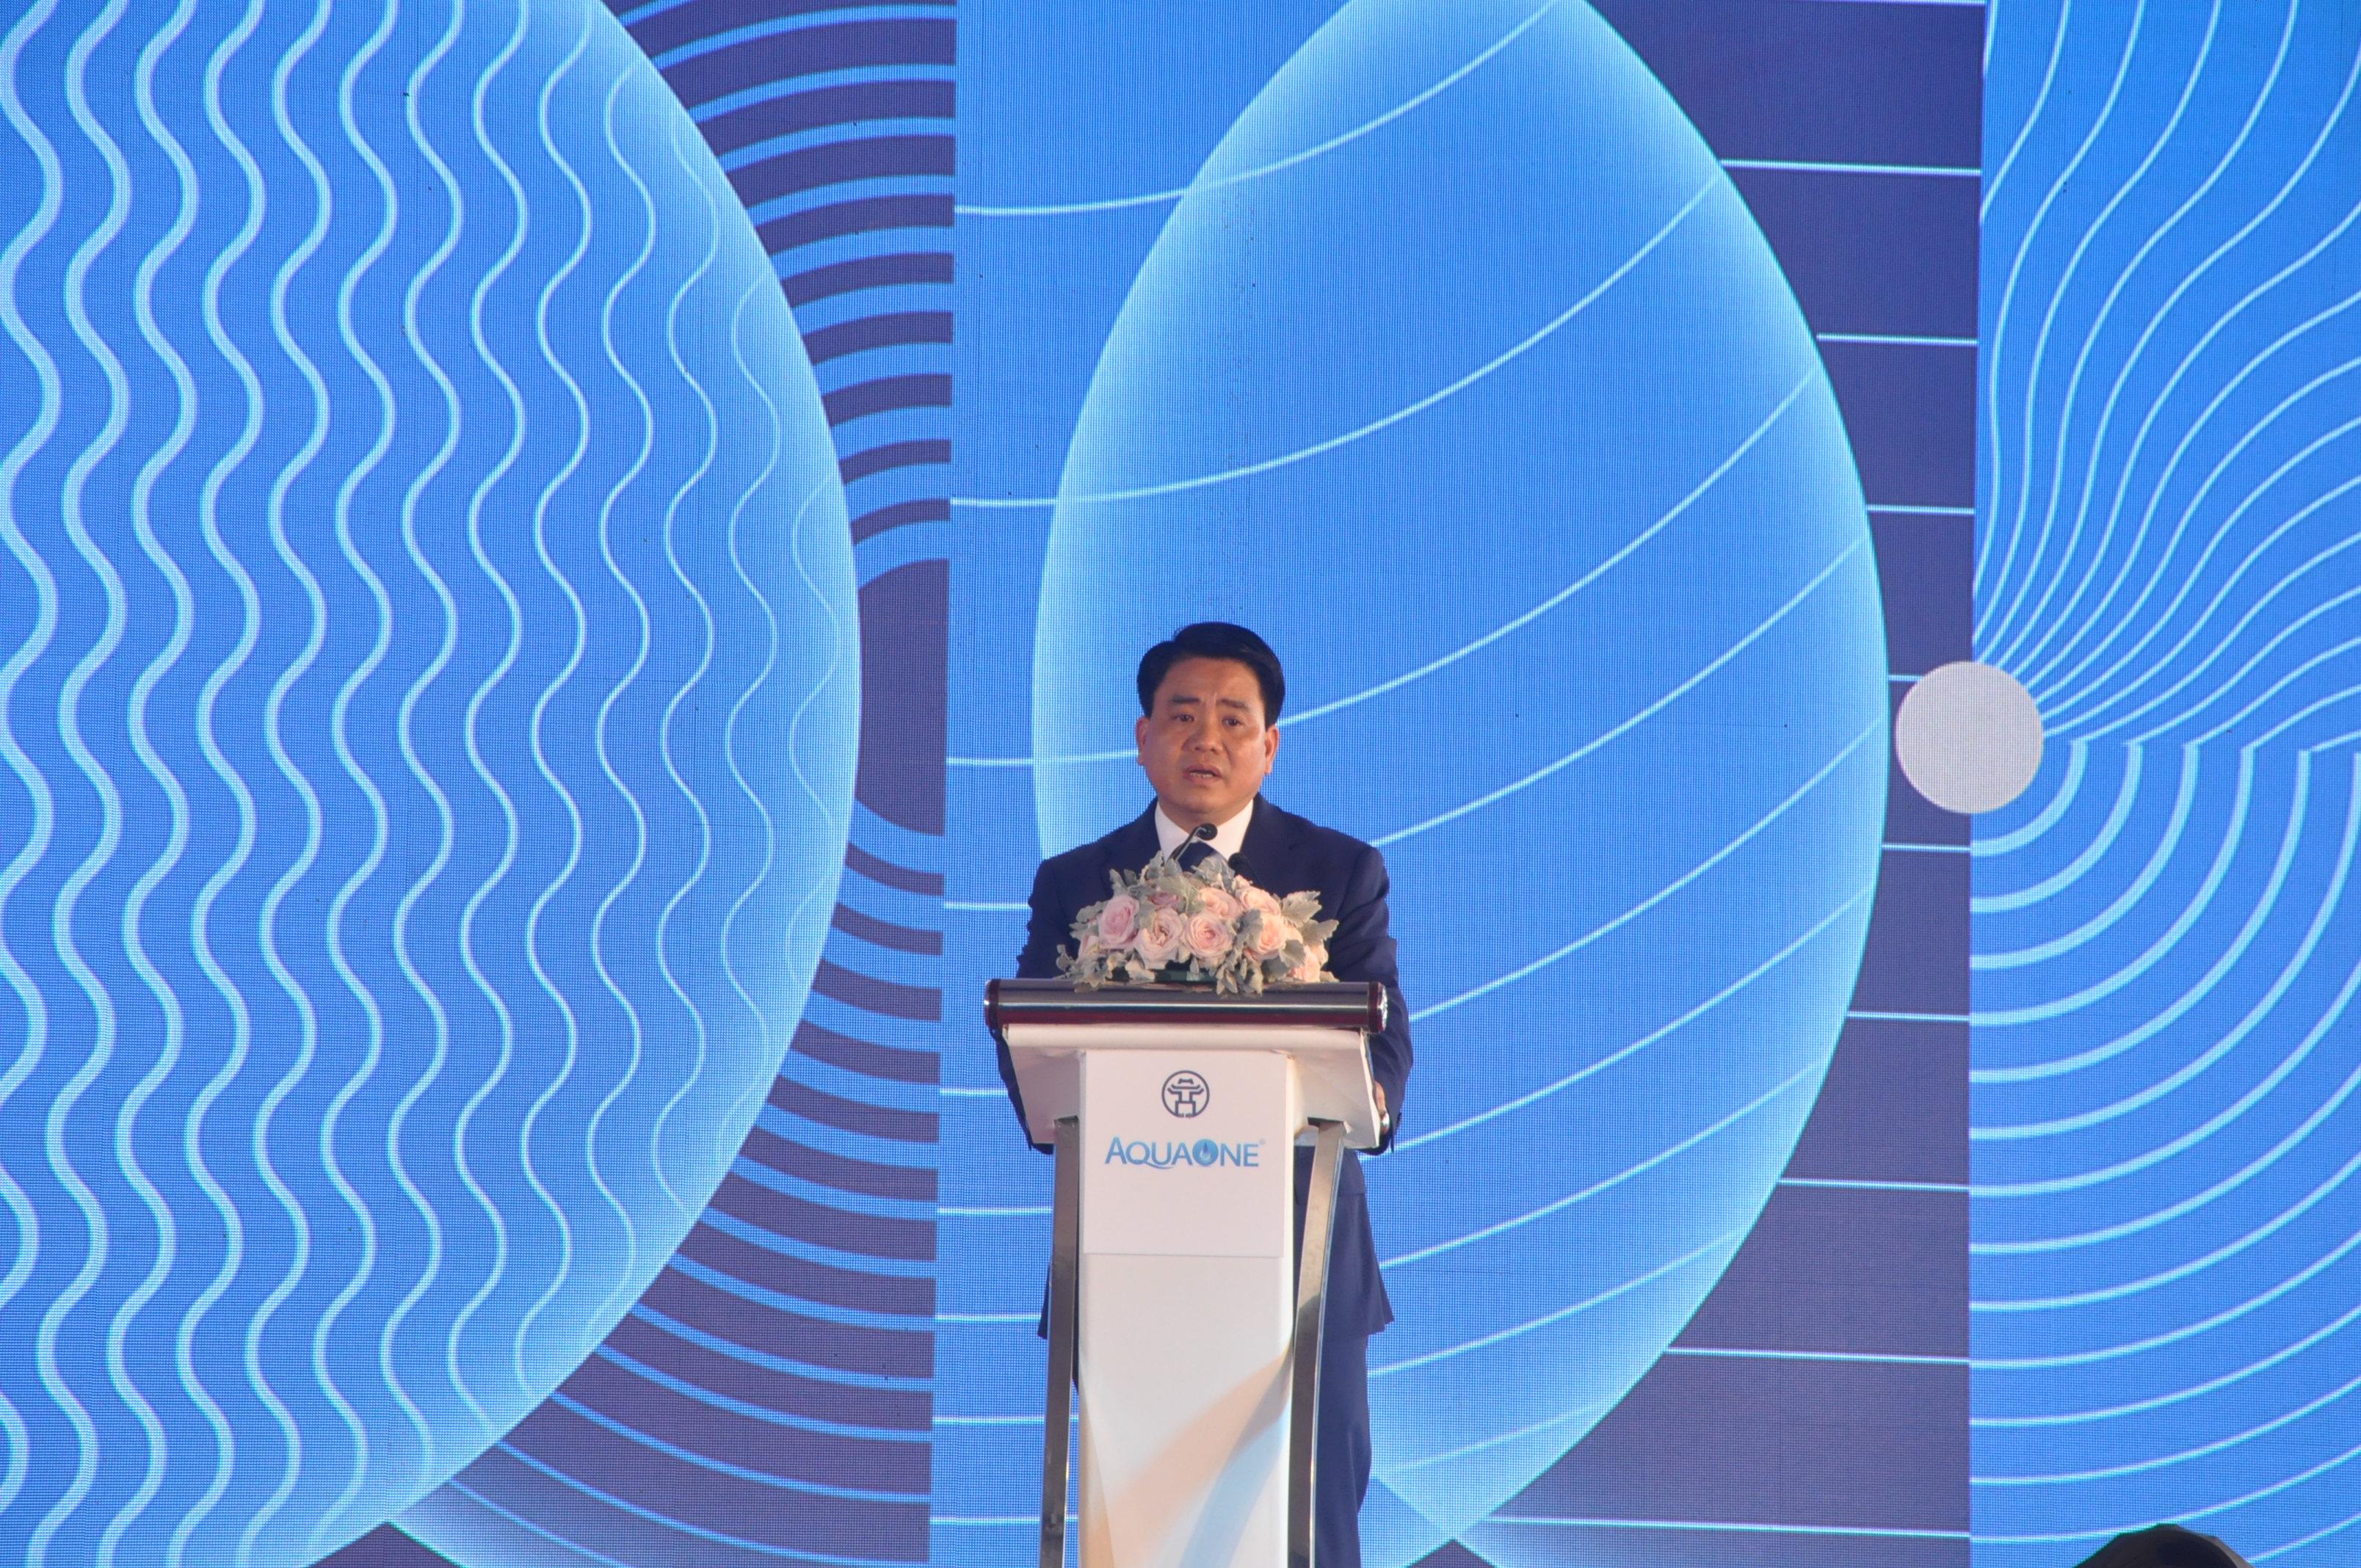 Chủ tịch Nguyễn Đức Chung dự khánh thành giai đoạn 1 Nhà máy nước mặt sông Đuống